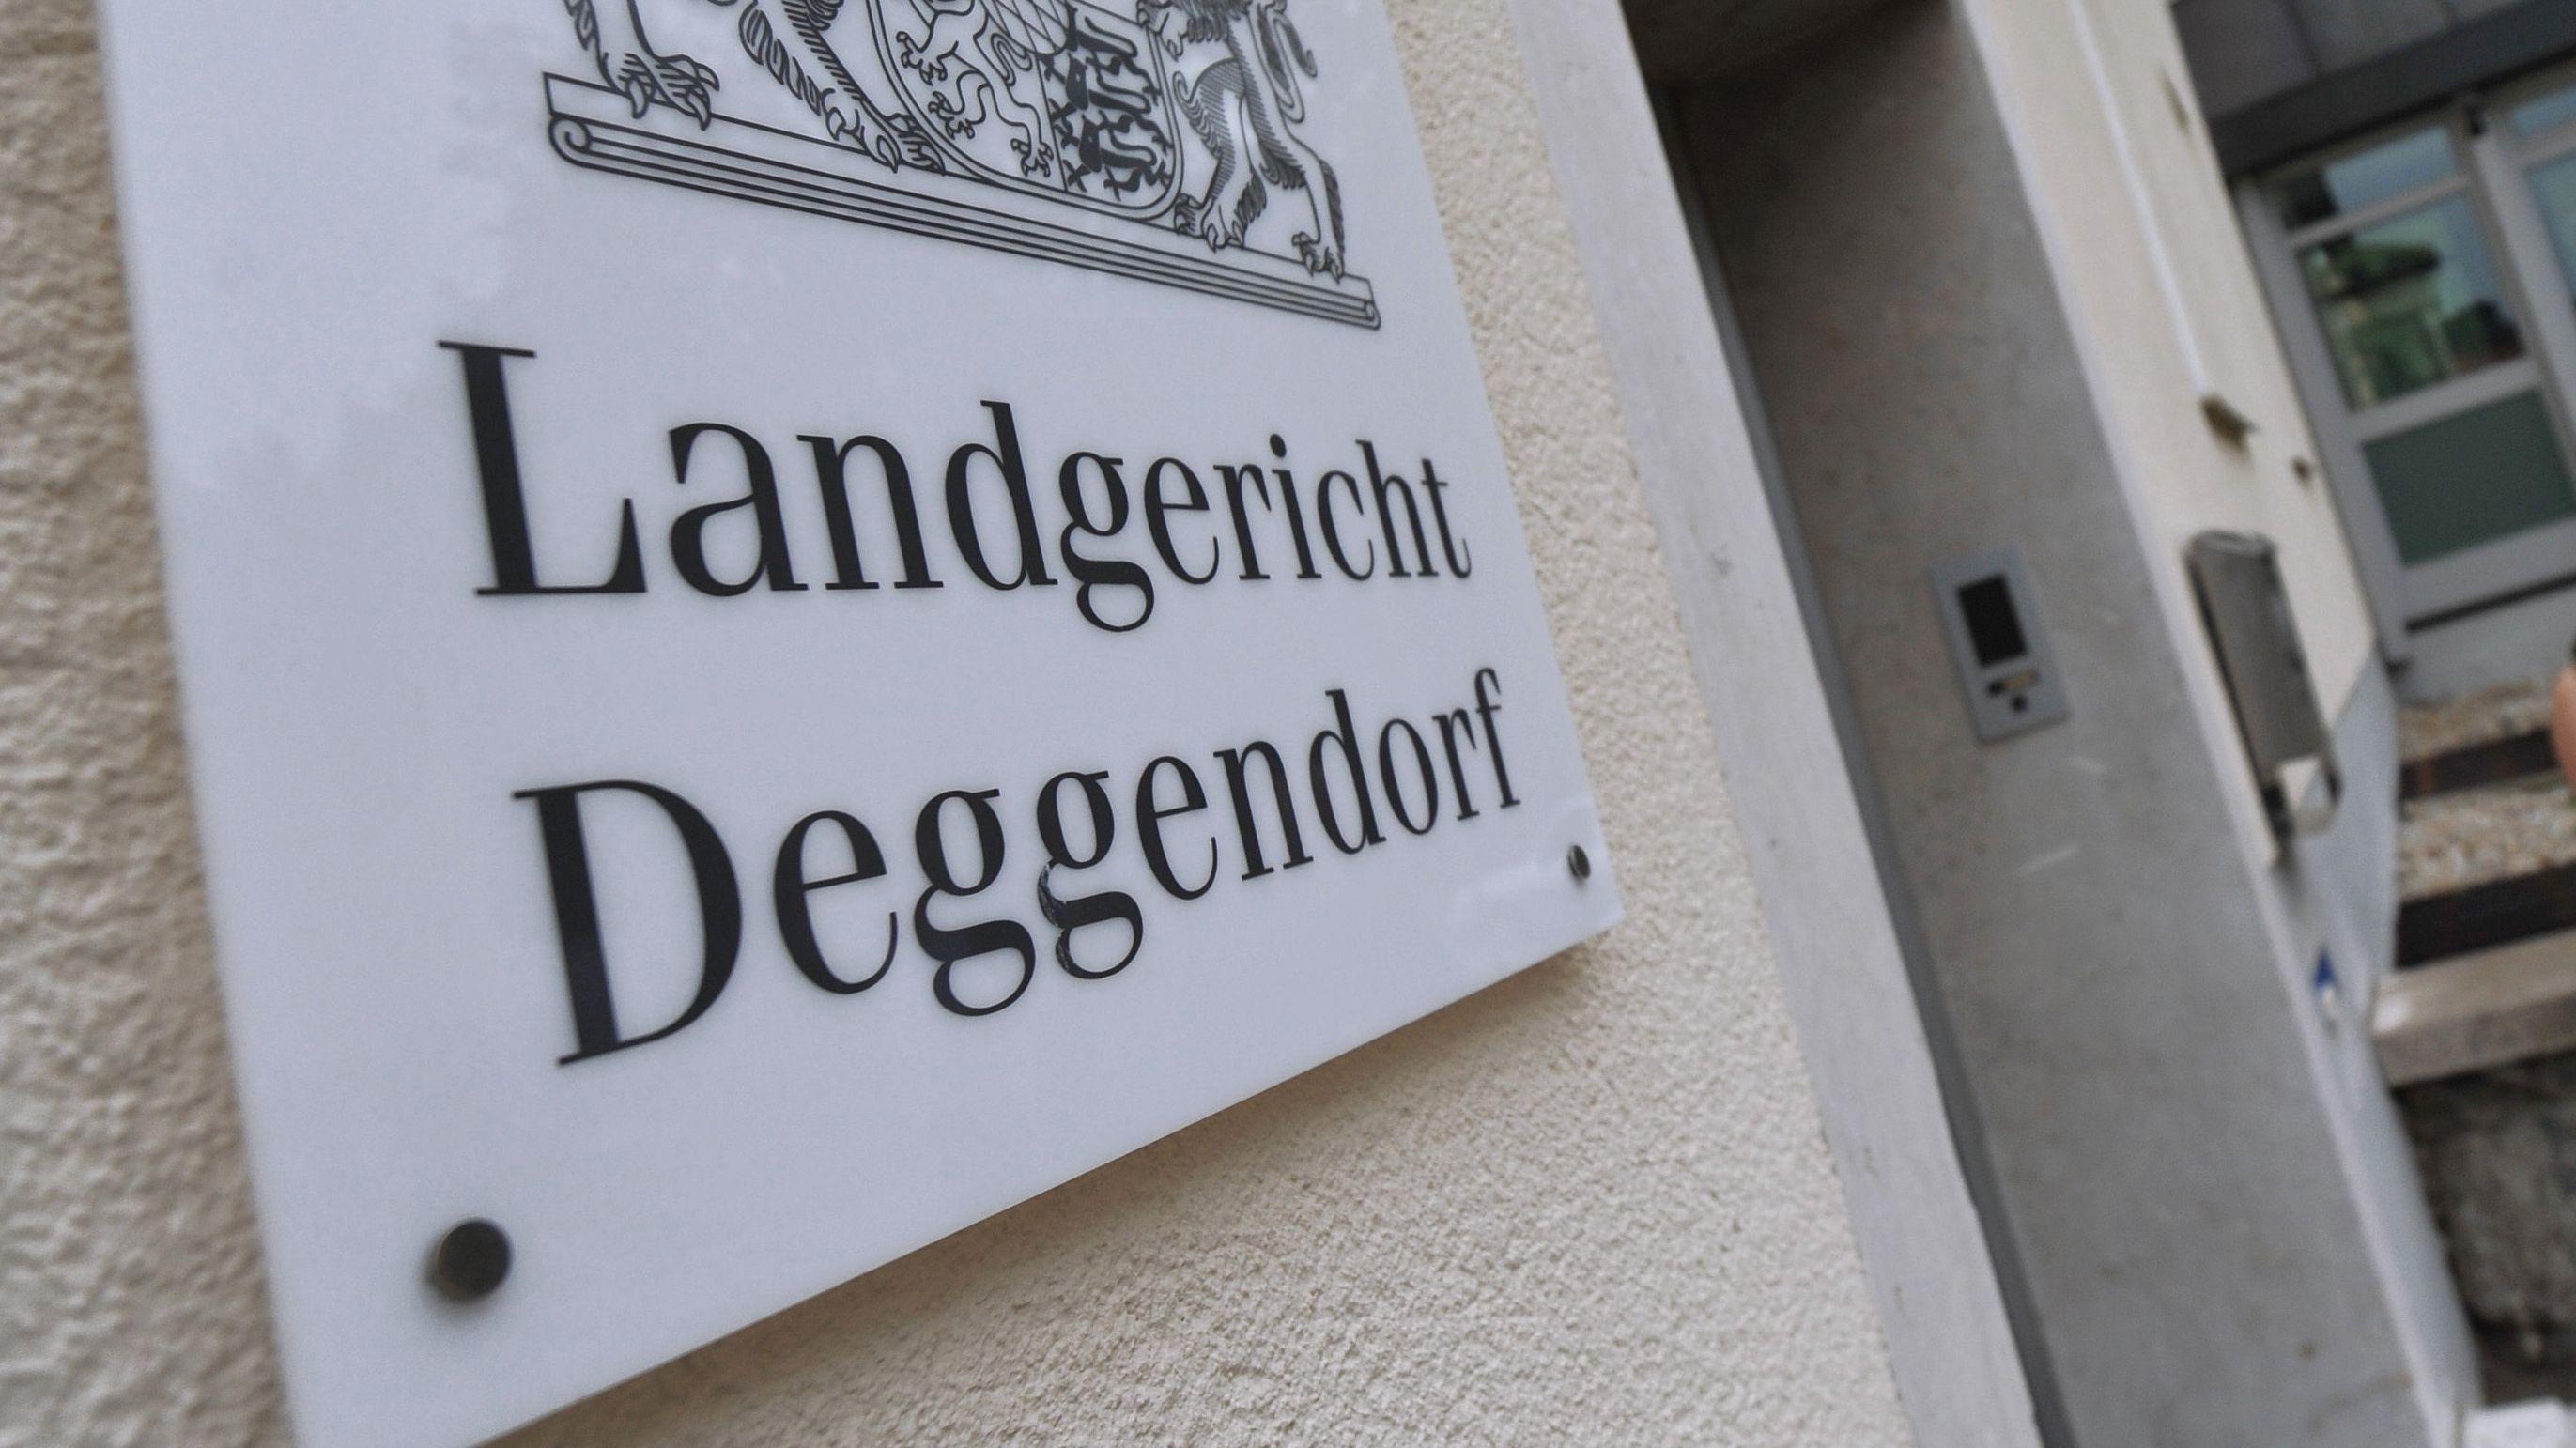 Der Eingang zum Landgericht Deggendorf